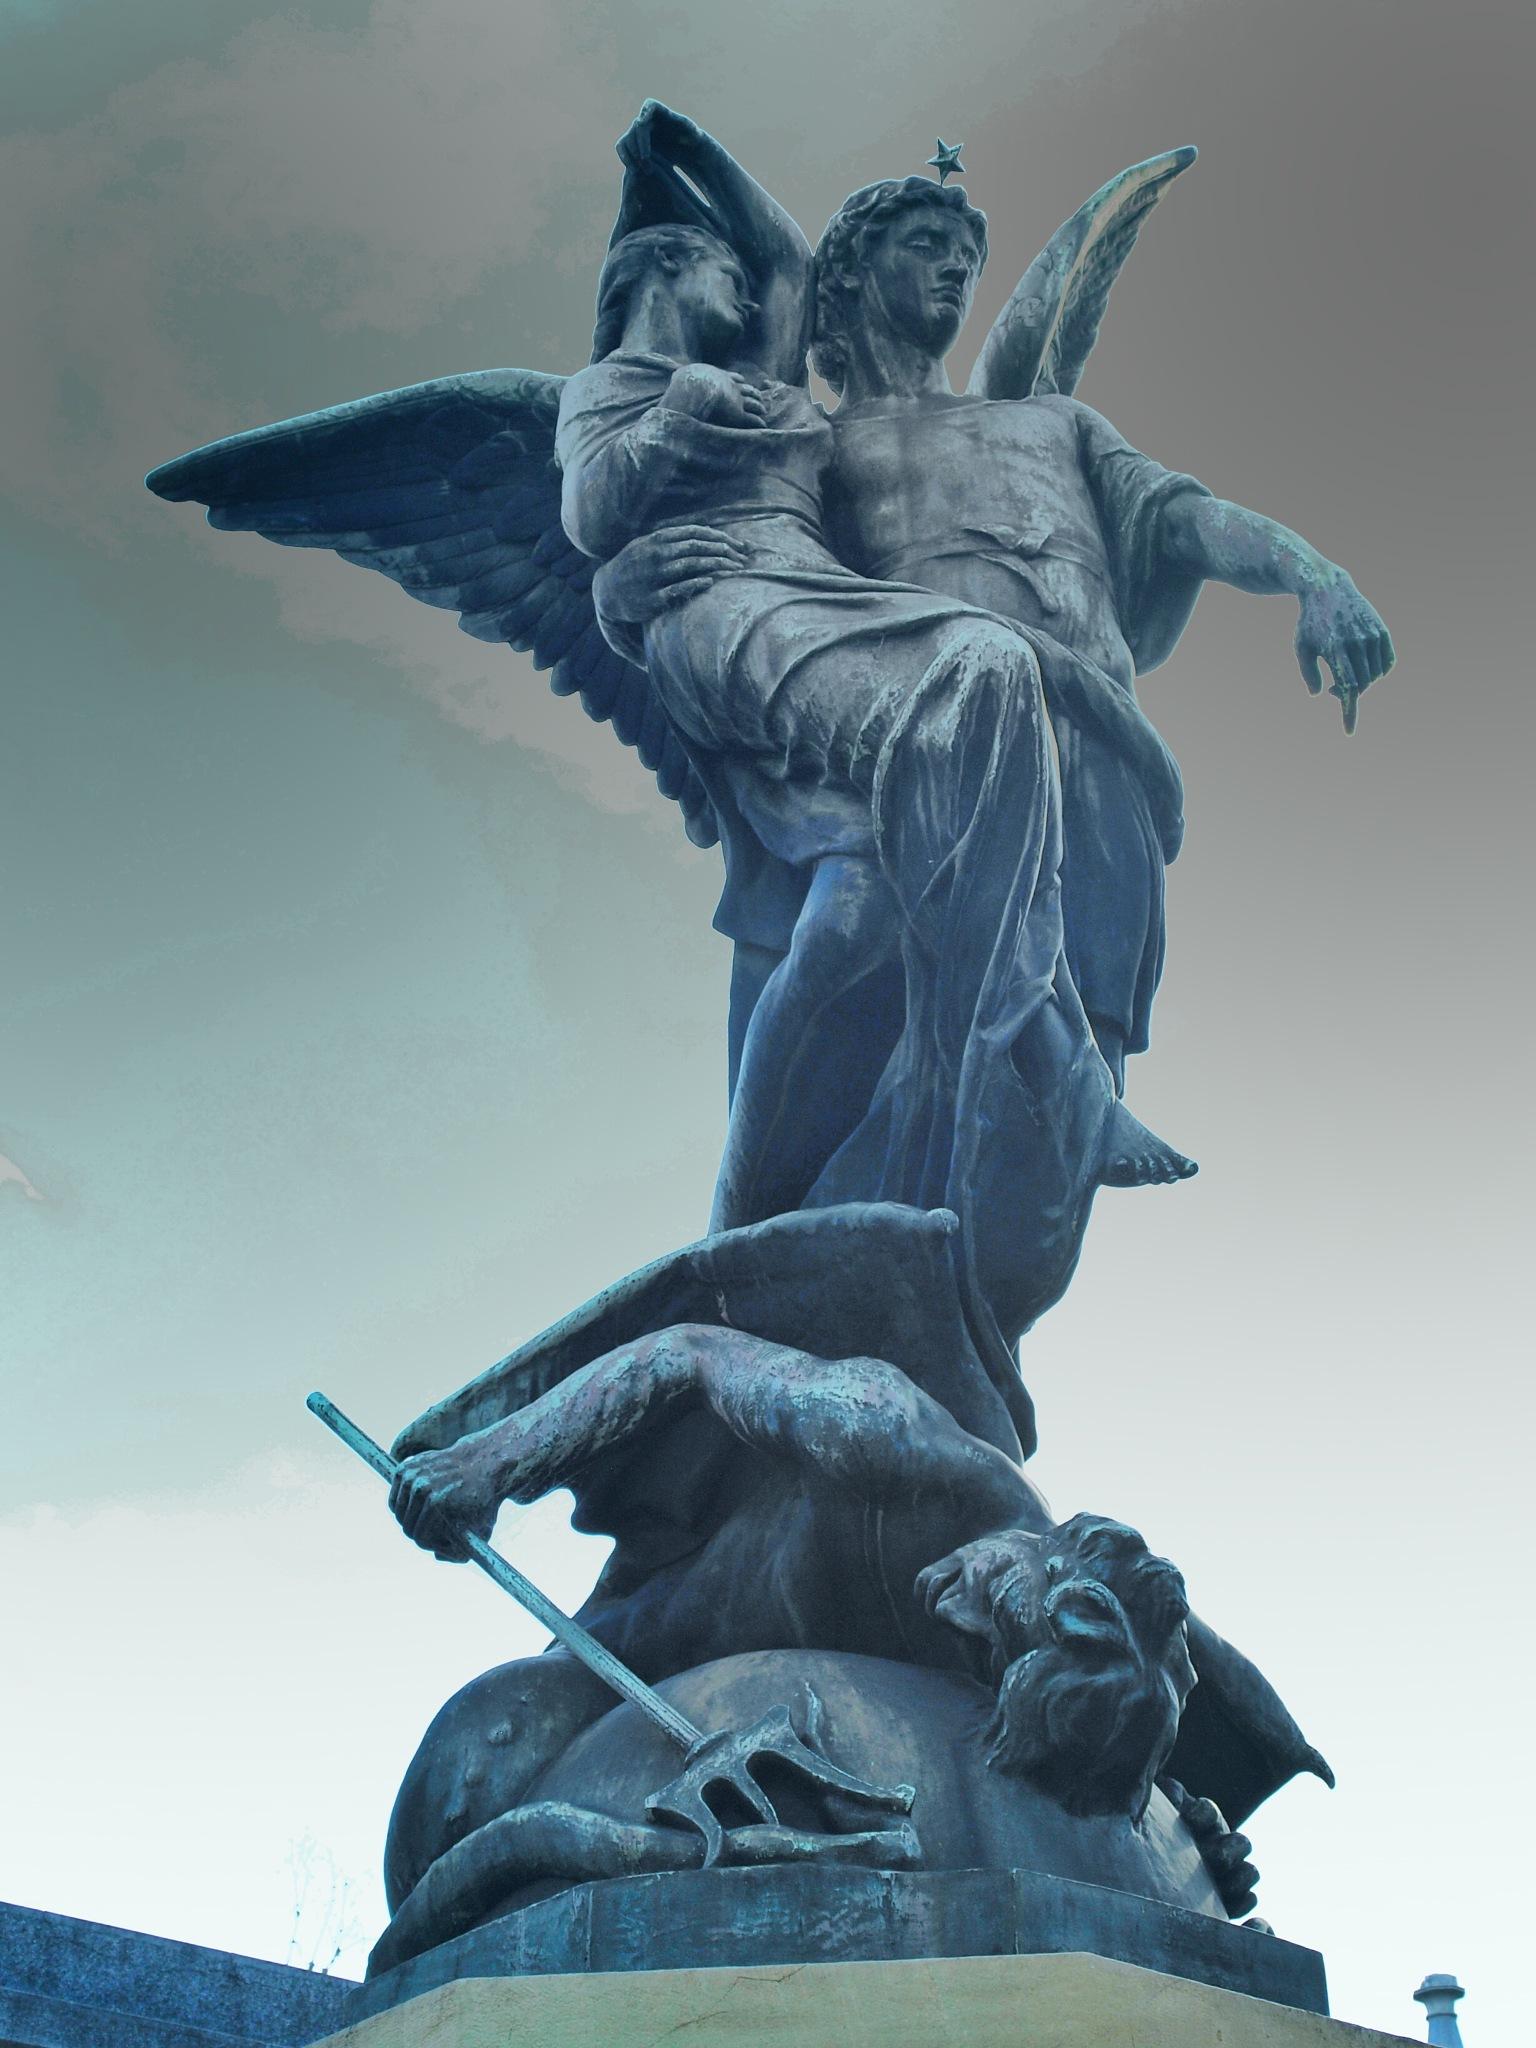 Cementerio de la Recoleta by Nessito